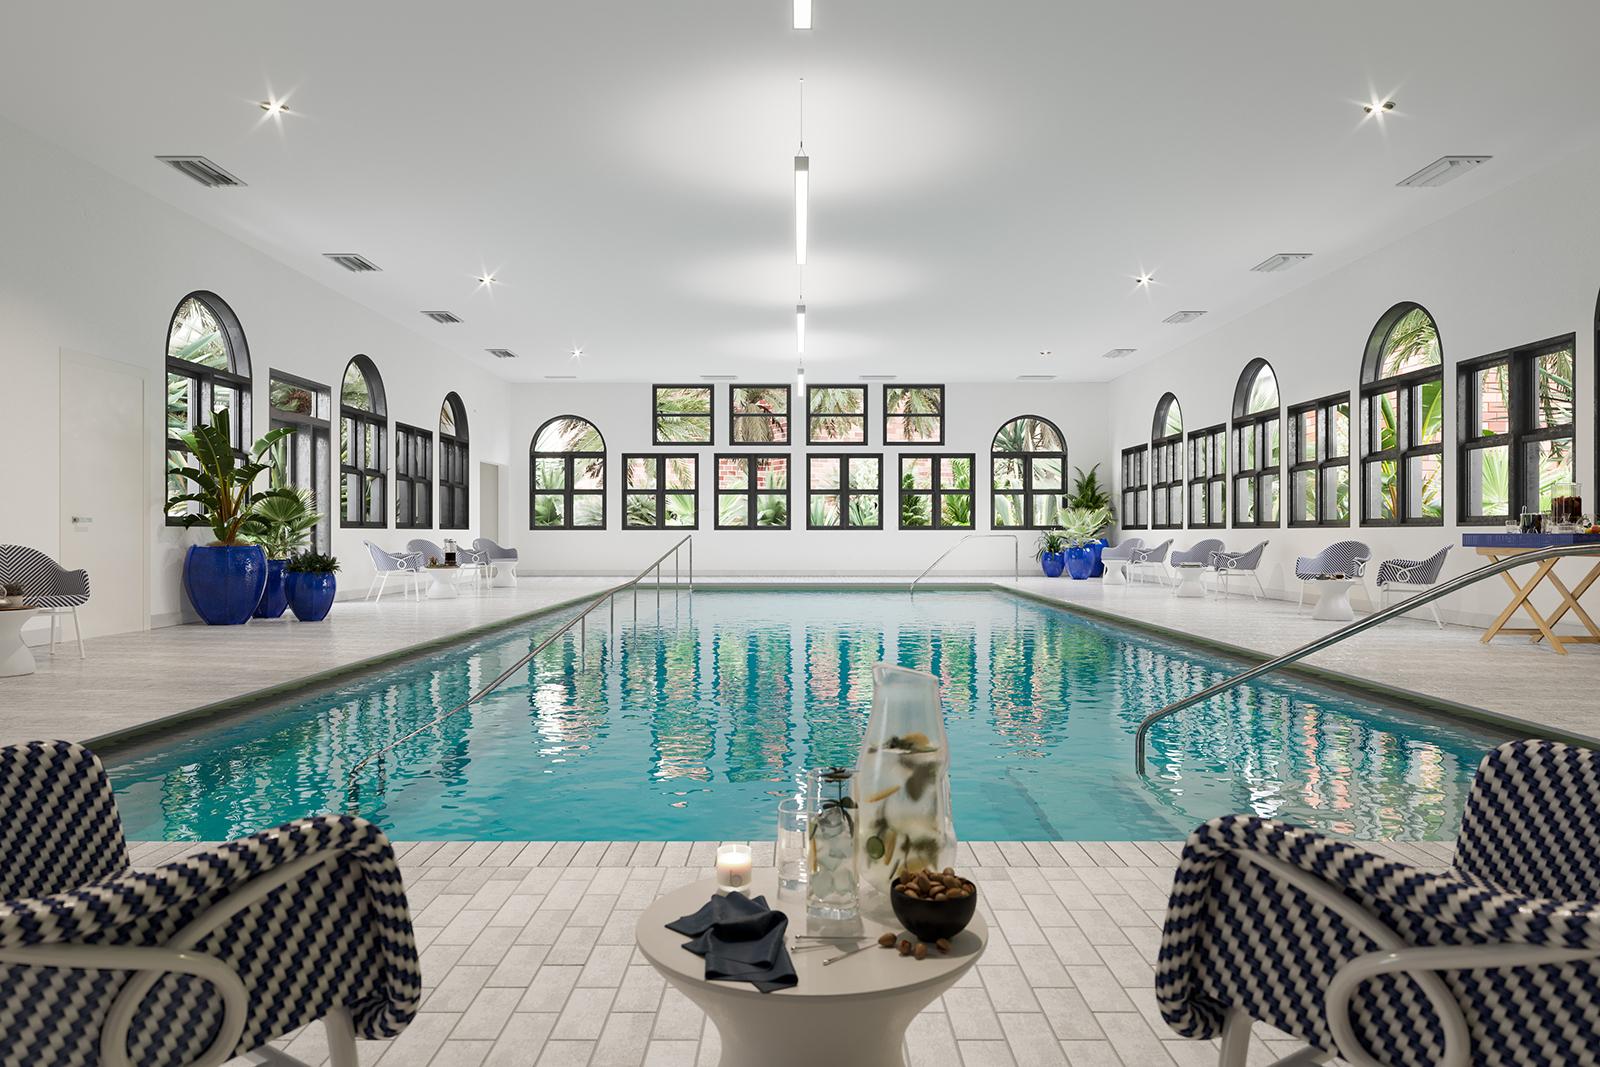 Unisen indoor swimming pool